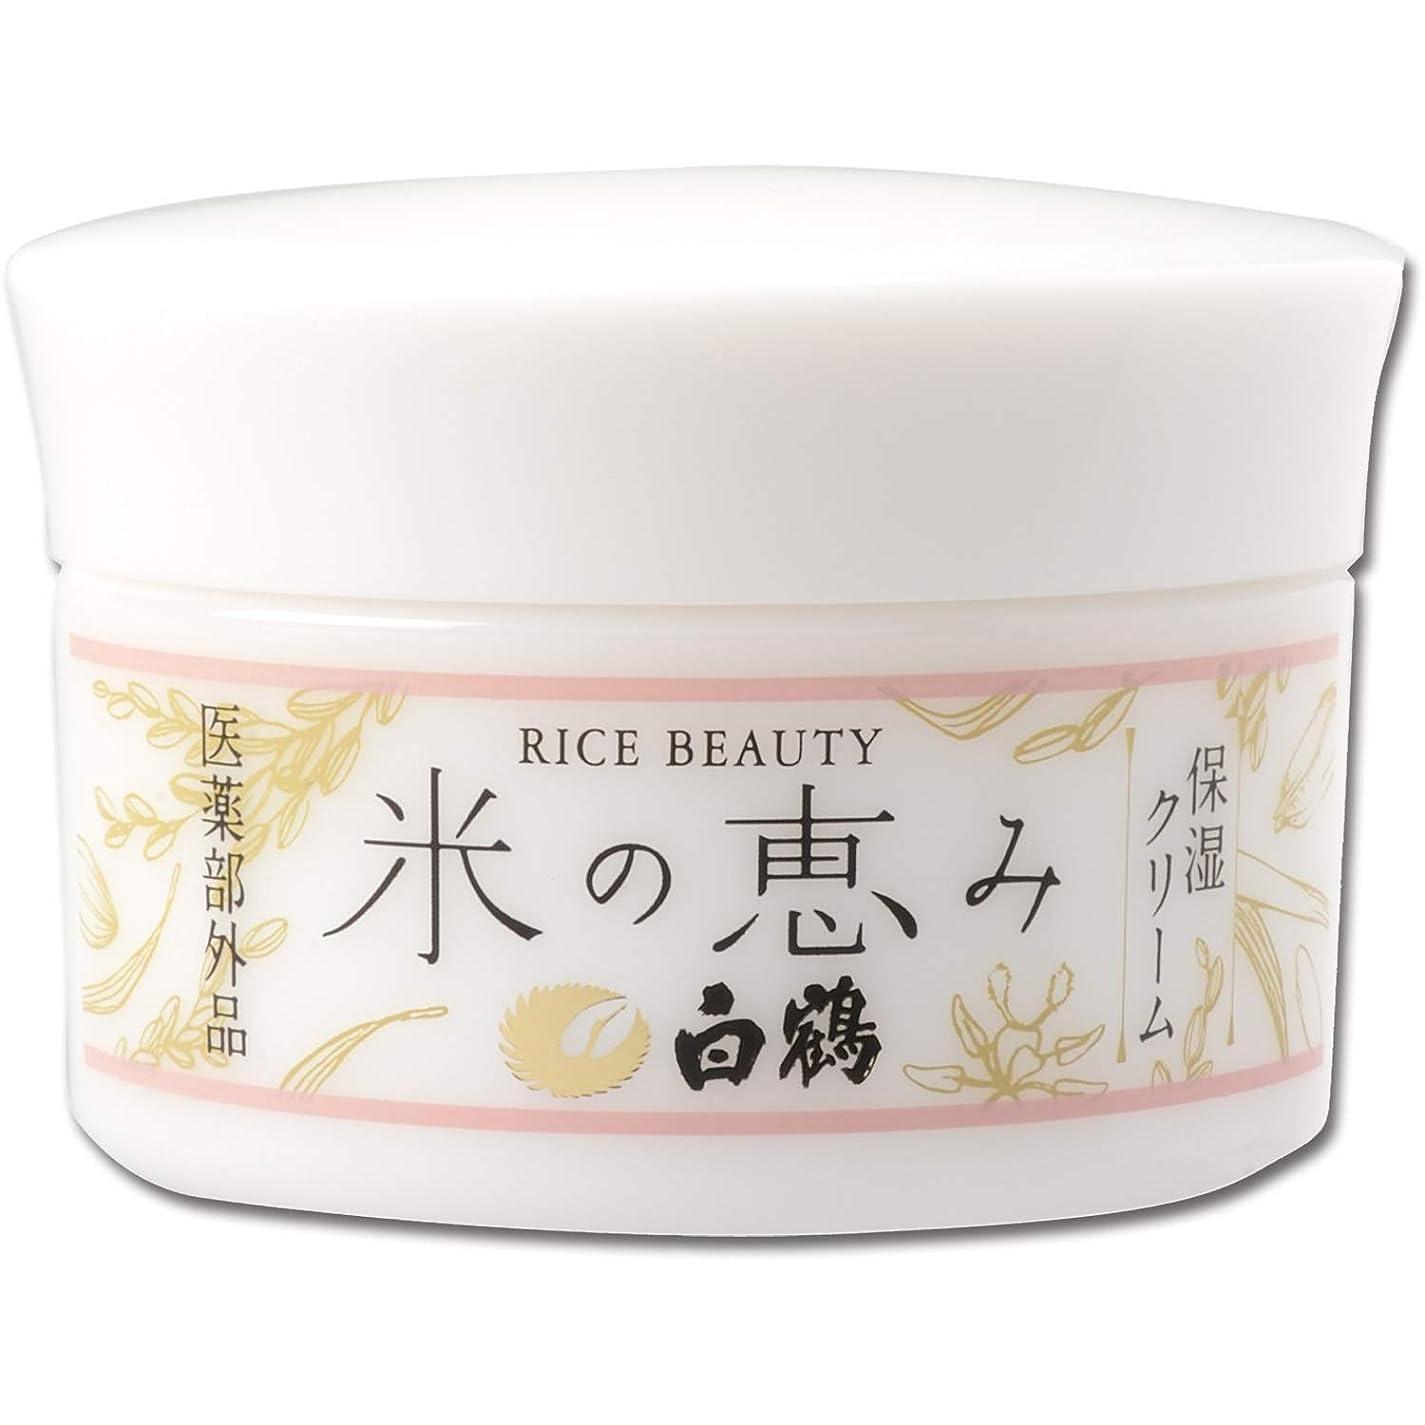 芝生ロデオ降臨白鶴 ライスビューティー 米の恵み 保湿クリーム 48g (医薬部外品)